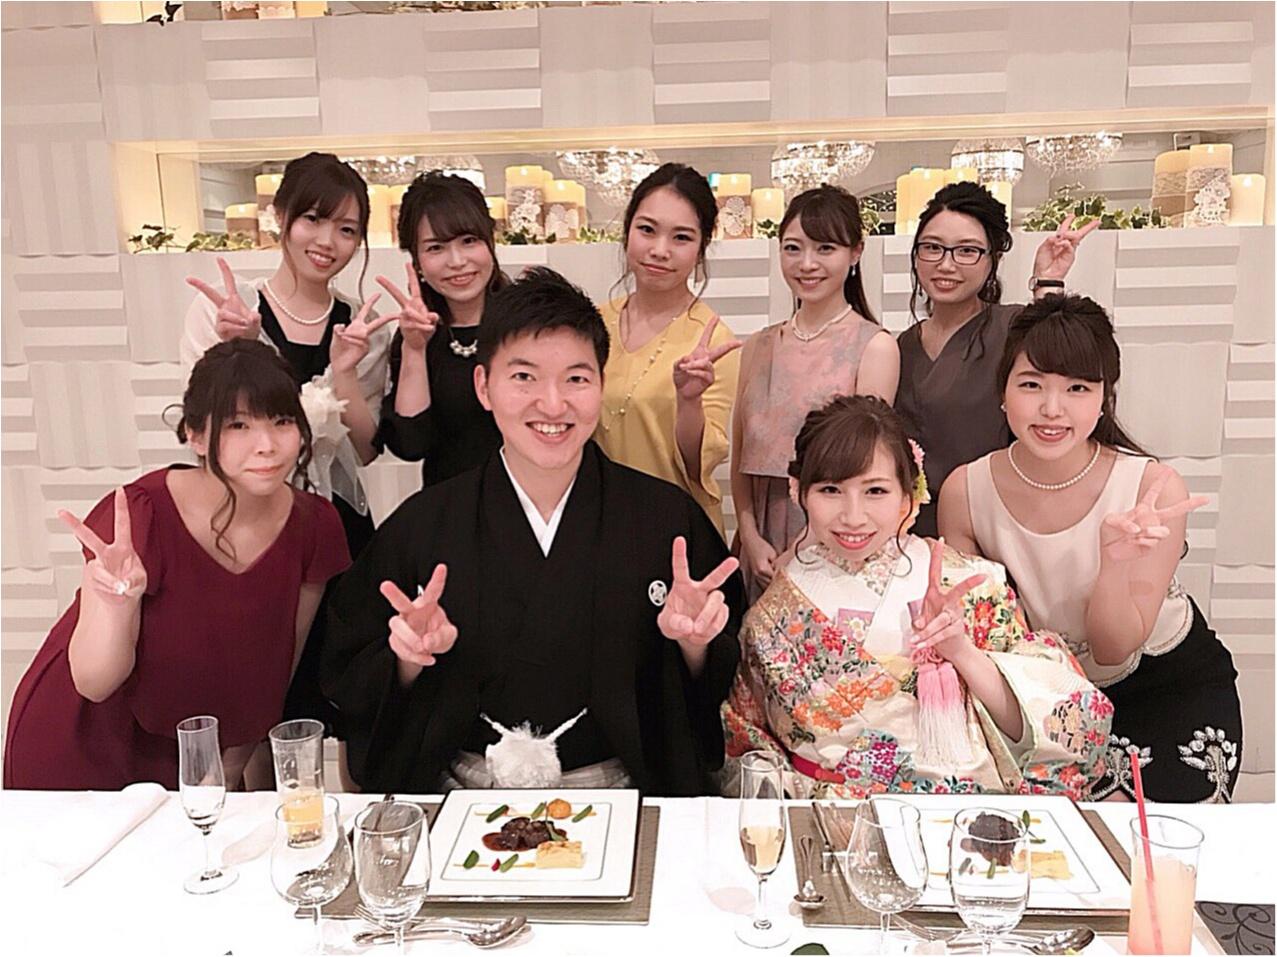 《Happy wedding》around25お呼ばれコーデは華やかにカラードレスにハーフアップで♡式に華を添えましょう!_13